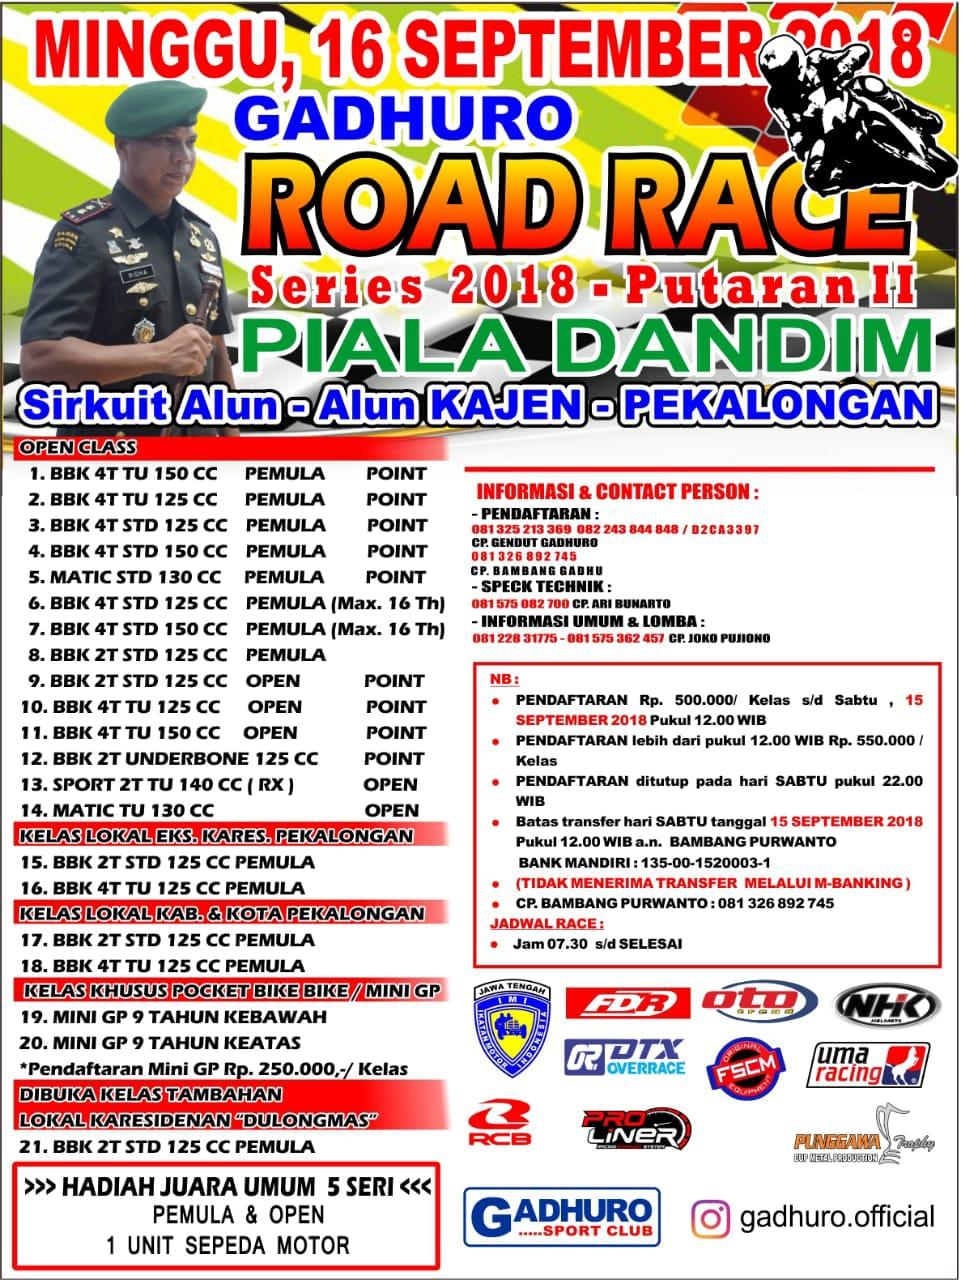 Agenda Balap: Gadhuro Road Race Seri 2 di Kajen 16 September 2018, Sudah Fix!